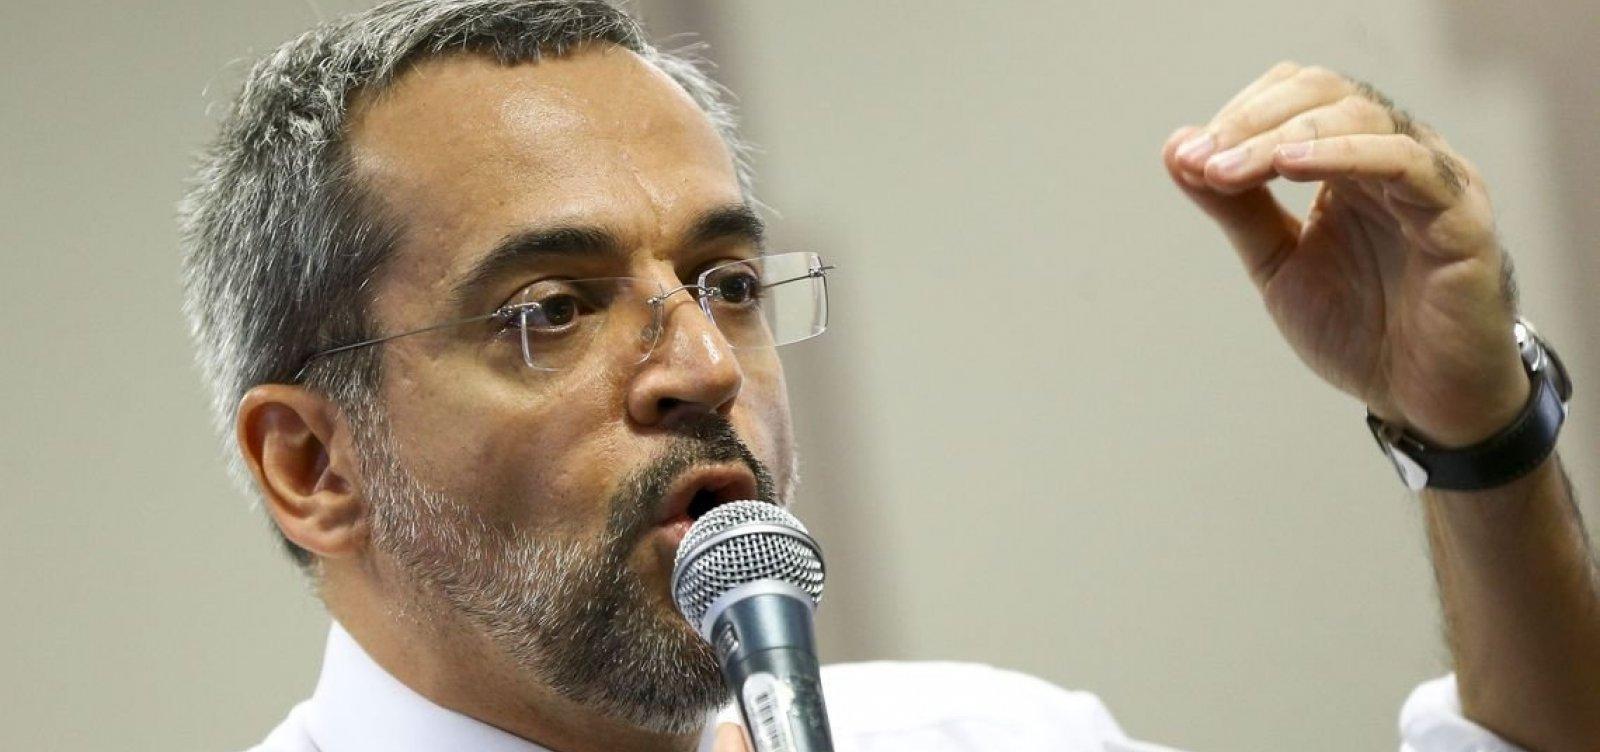 Governo reconhece que fala de Weintraub estimulou protestos nesta quarta